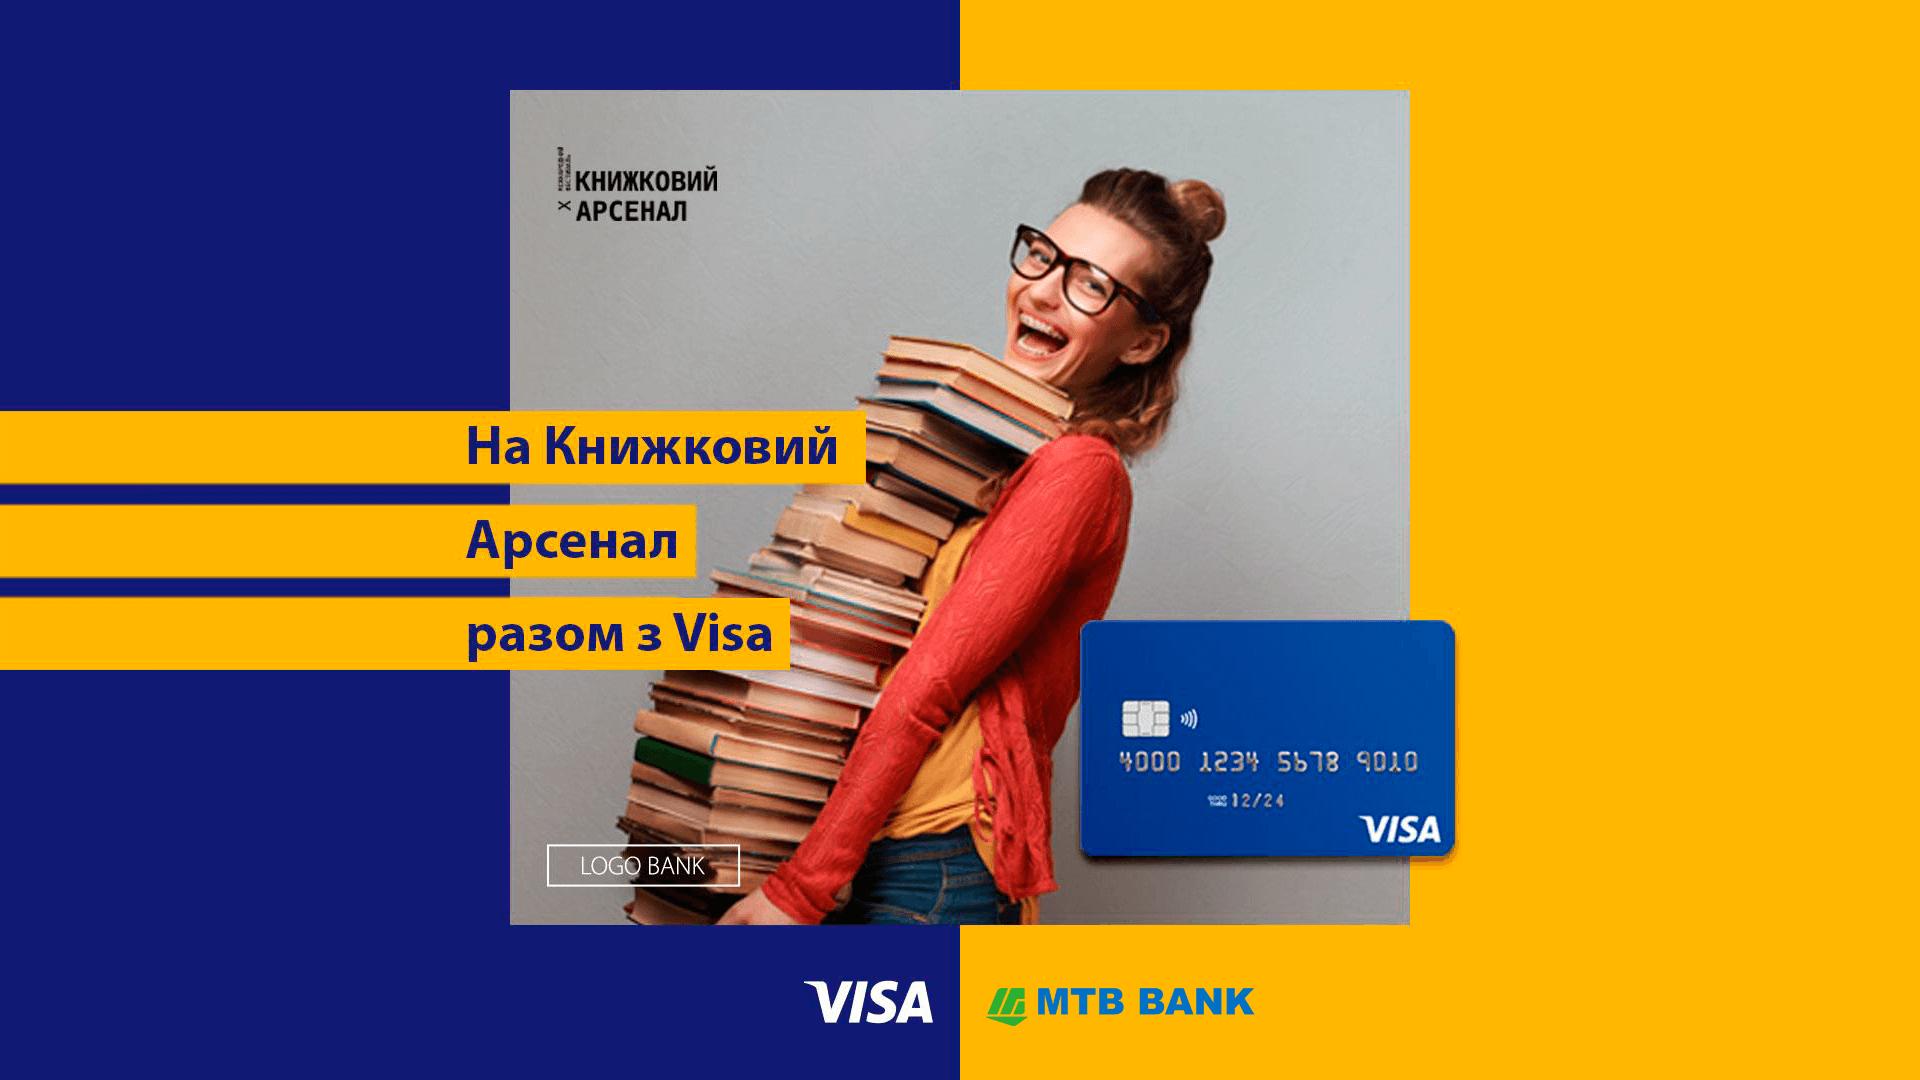 Маєш картку Visa від МТБ БАНК? - фото - mtb.ua